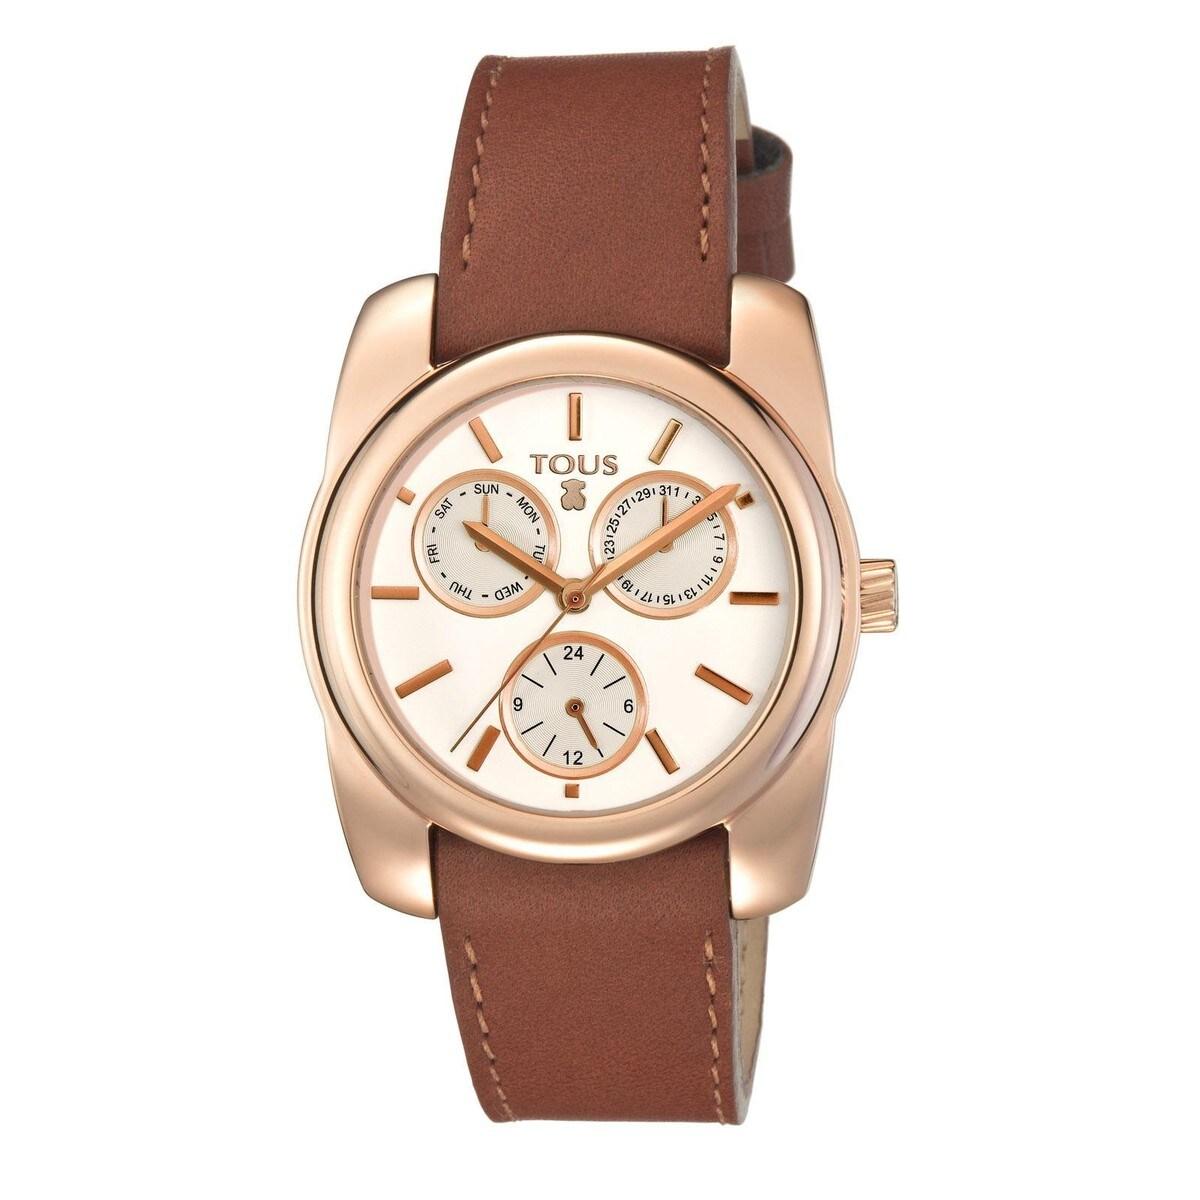 Rellotge Bercy d'acer IP rosat amb corretja de pell marró